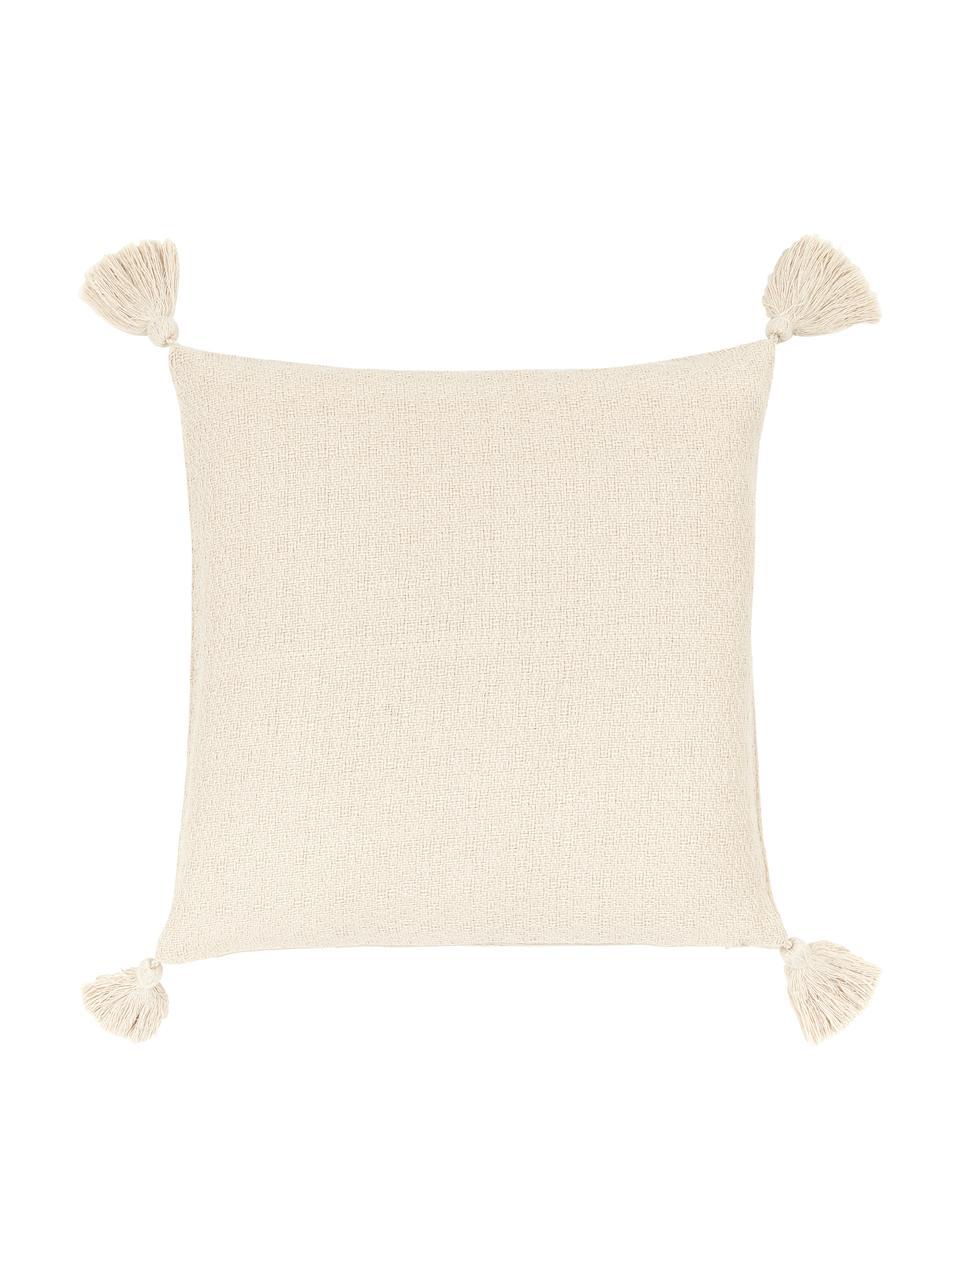 Kissenhülle Lori in Beige mit dekorativen Quasten, 100% Baumwolle, Beige, 40 x 40 cm